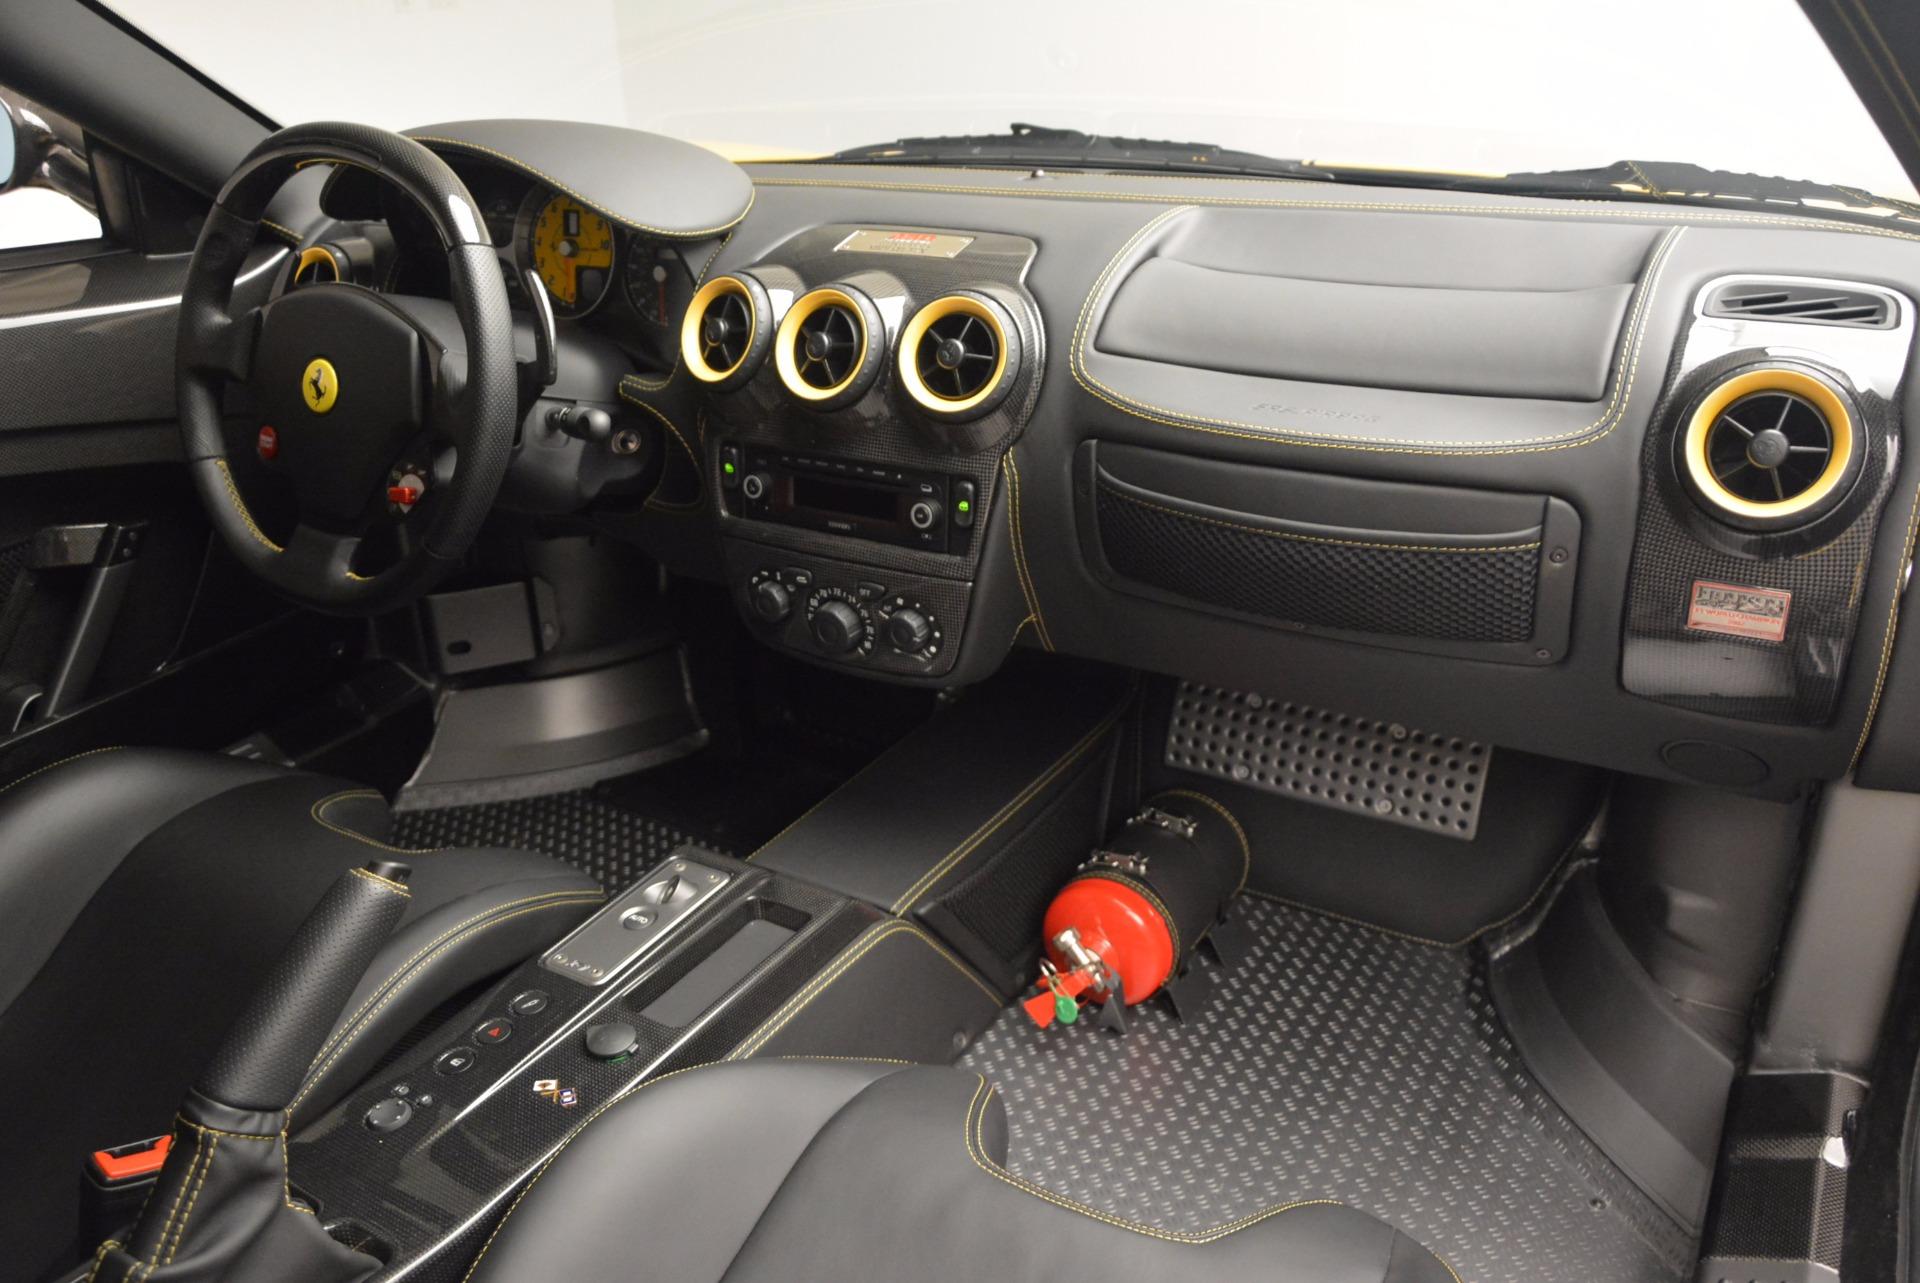 Ferrari F430 Scuderia Albumccars Cars Images Collection